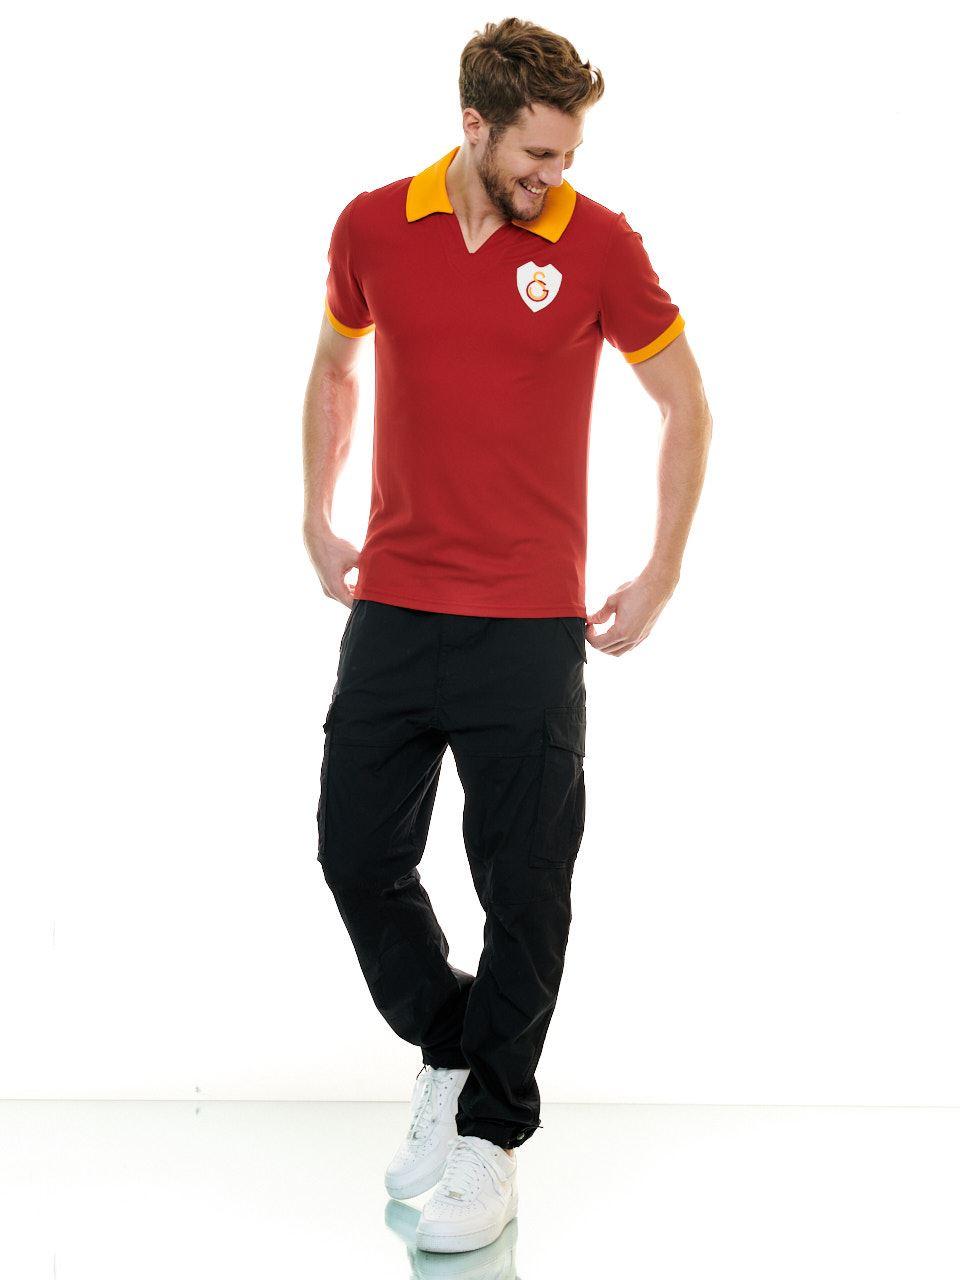 Galatasaray İlk Kırmızı Retro Erkek Forma E192324